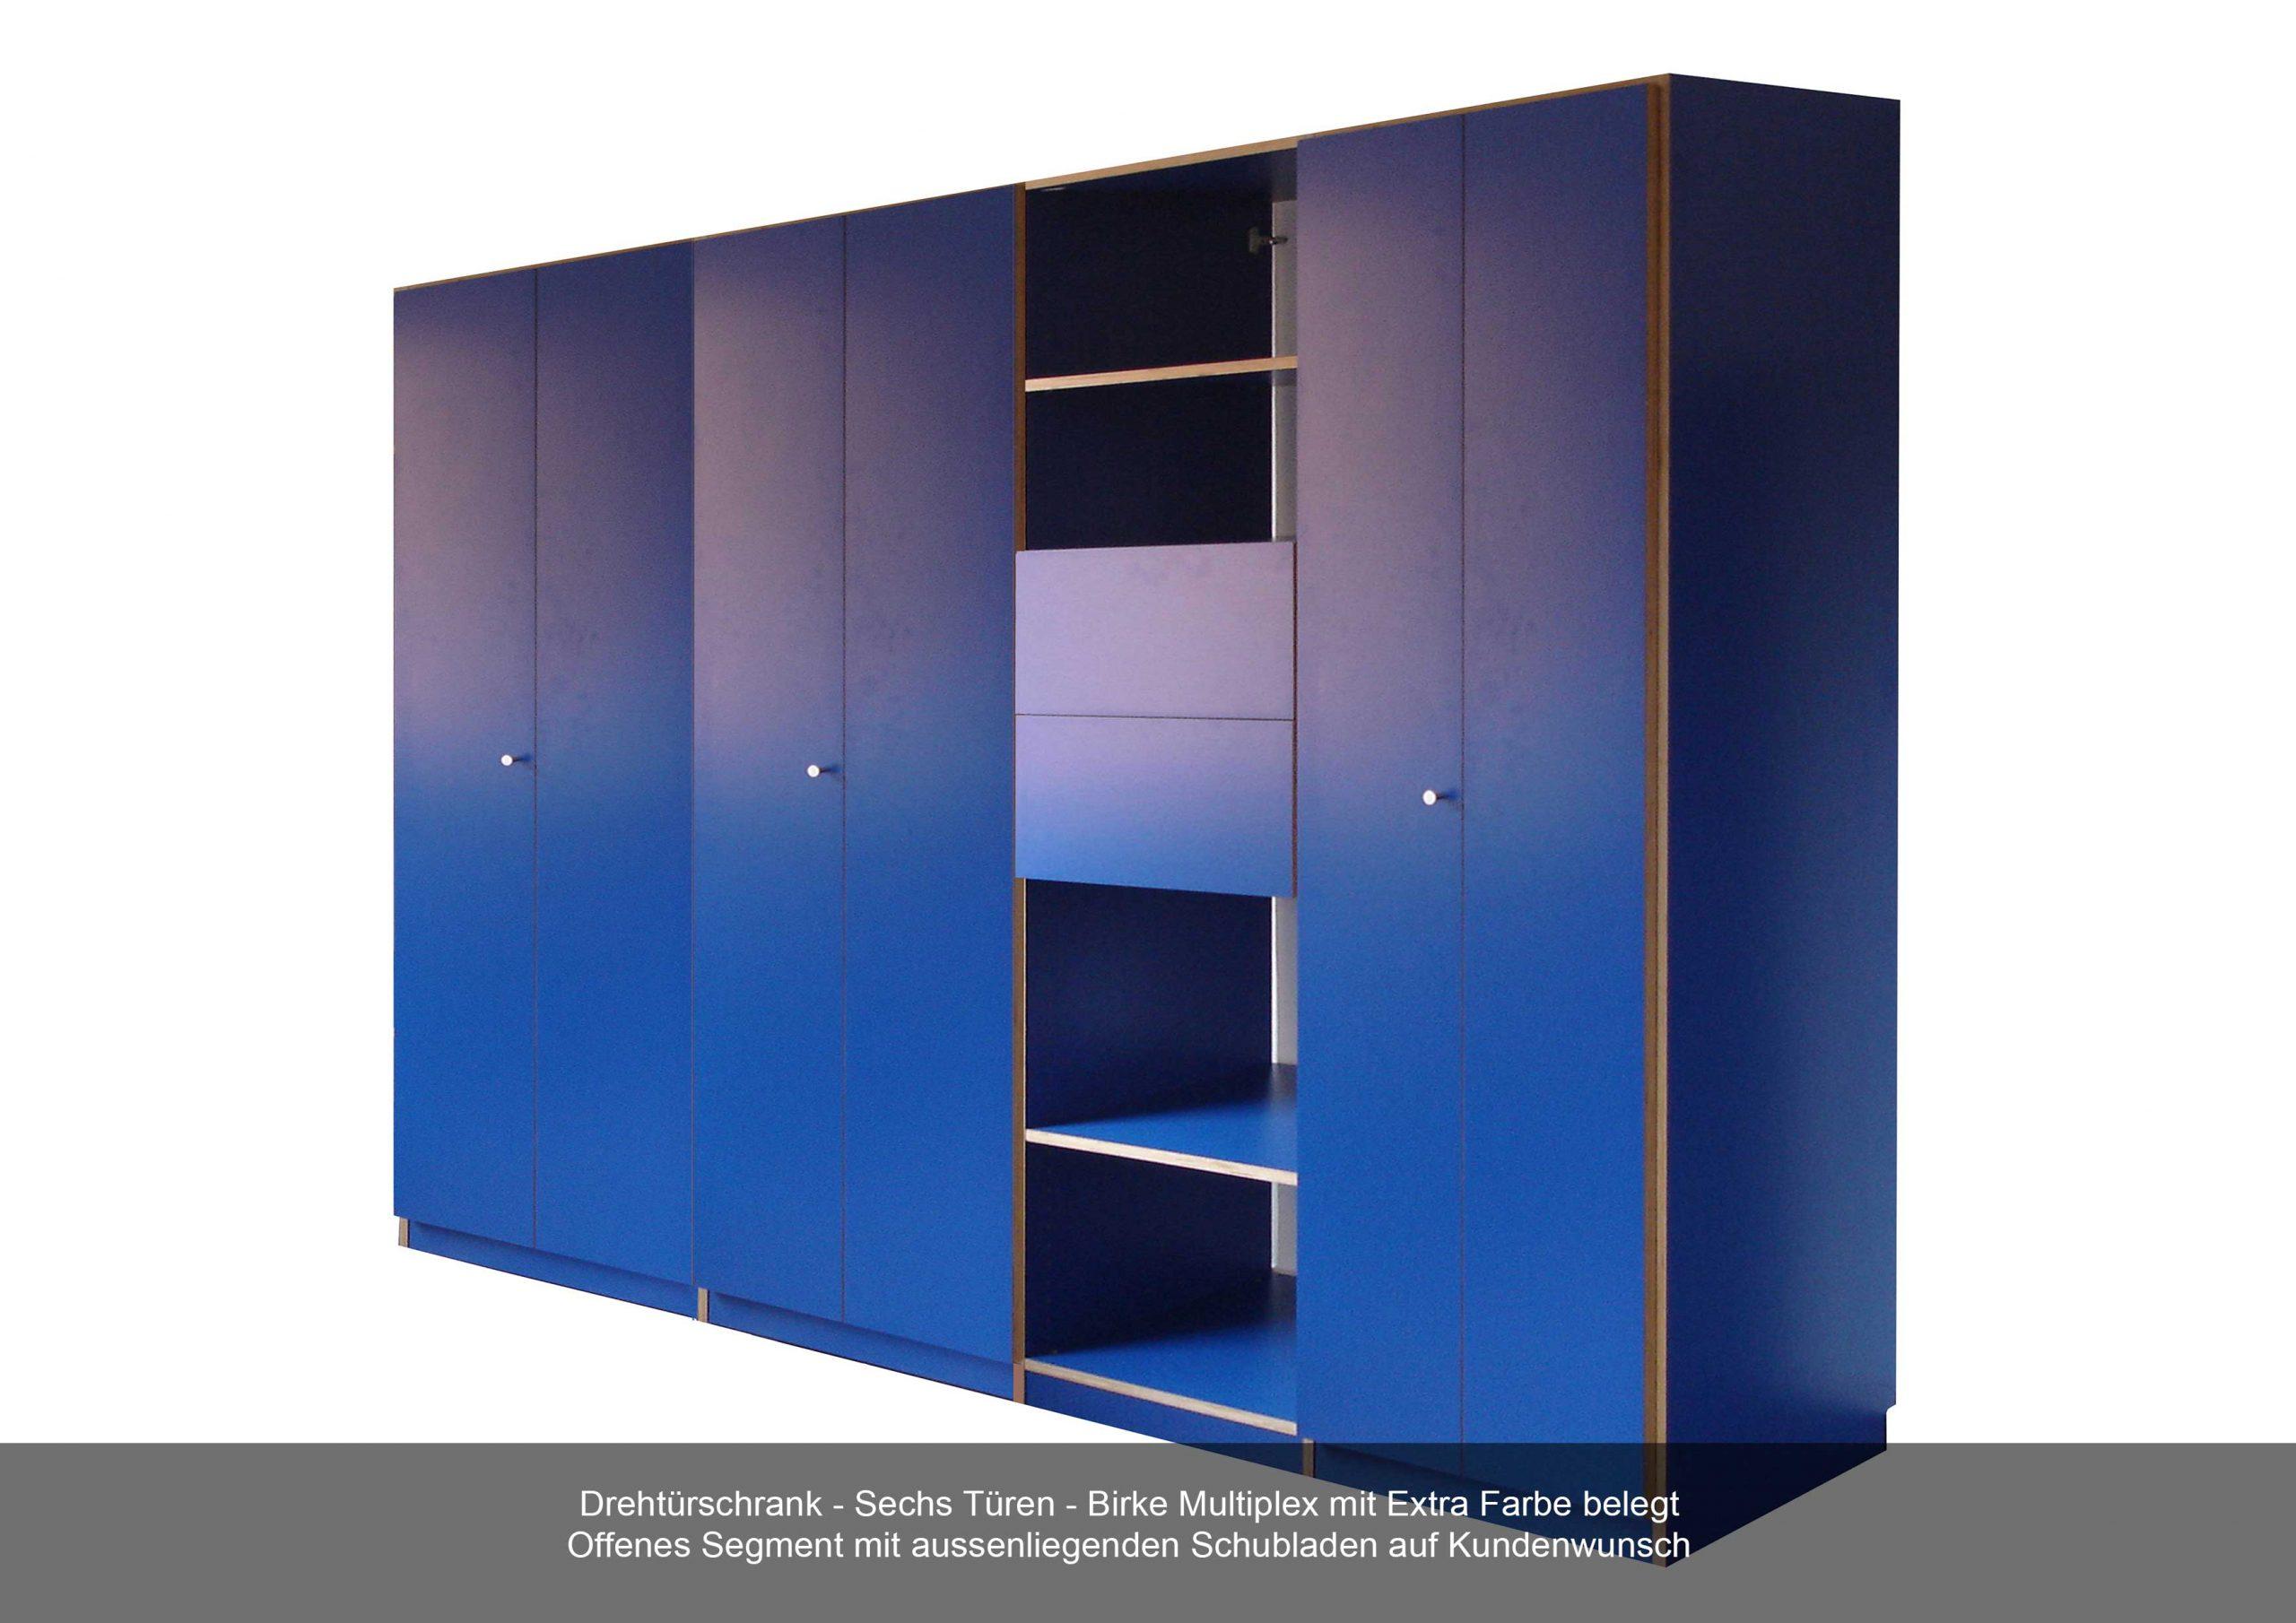 Drehtürschrank Birke Multiplex blau sechs Türen offen Segment Schubladen aussenliegend